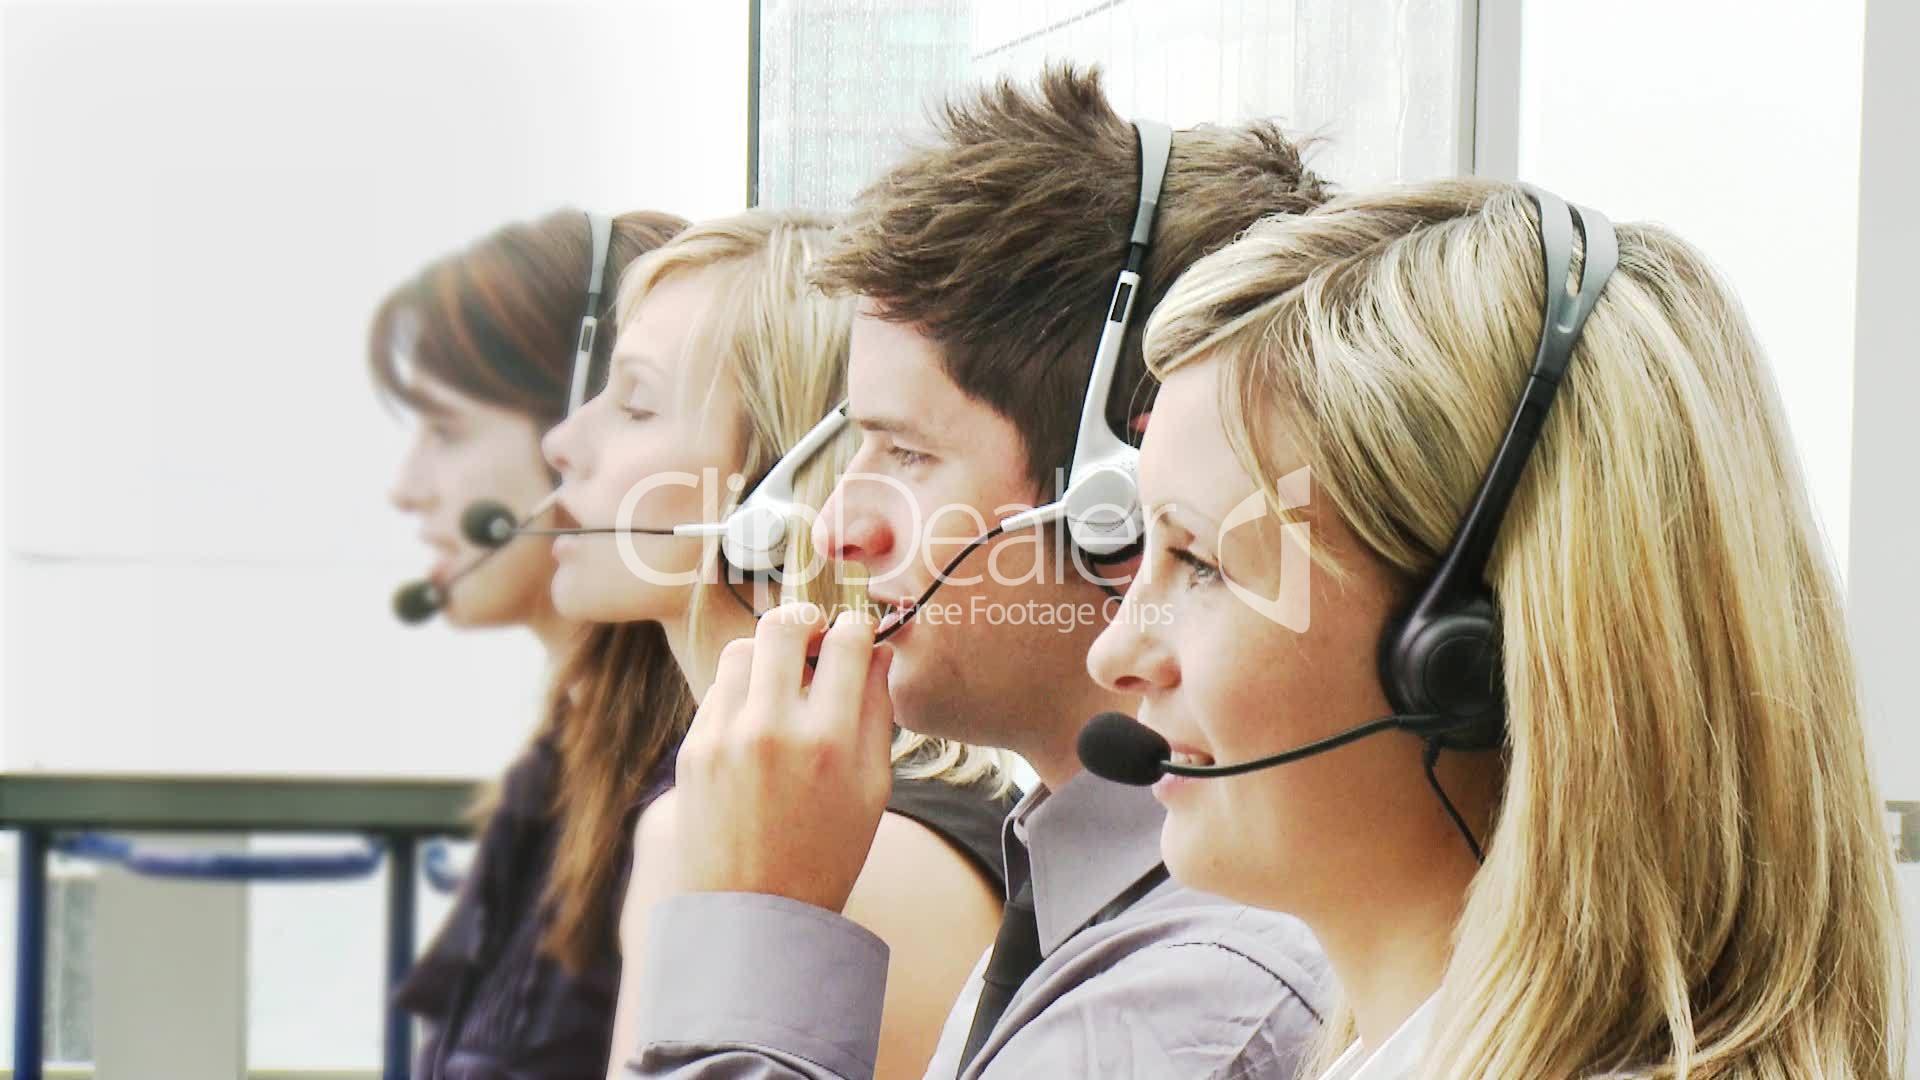 menschen telefonieren mit headset lizenzfreie stock. Black Bedroom Furniture Sets. Home Design Ideas